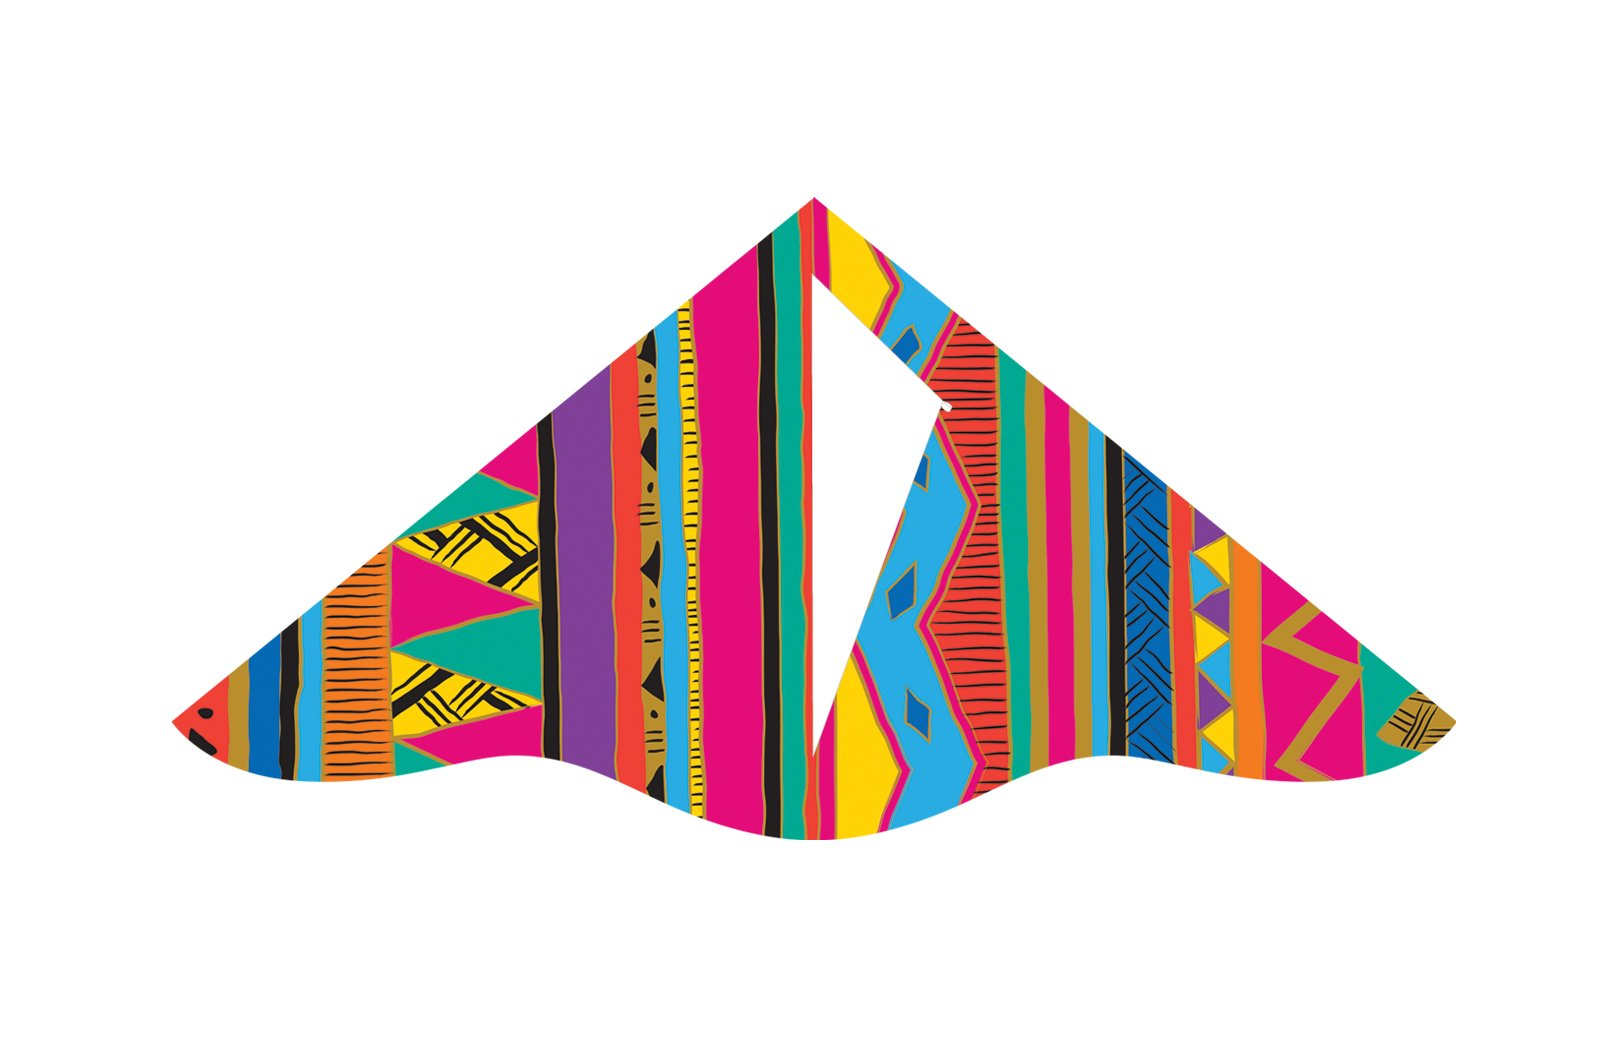 X-Kites Deluxe Delta Nylon Kite Assortment Pack (12-Pack), 42'' by X-Kites (Image #4)